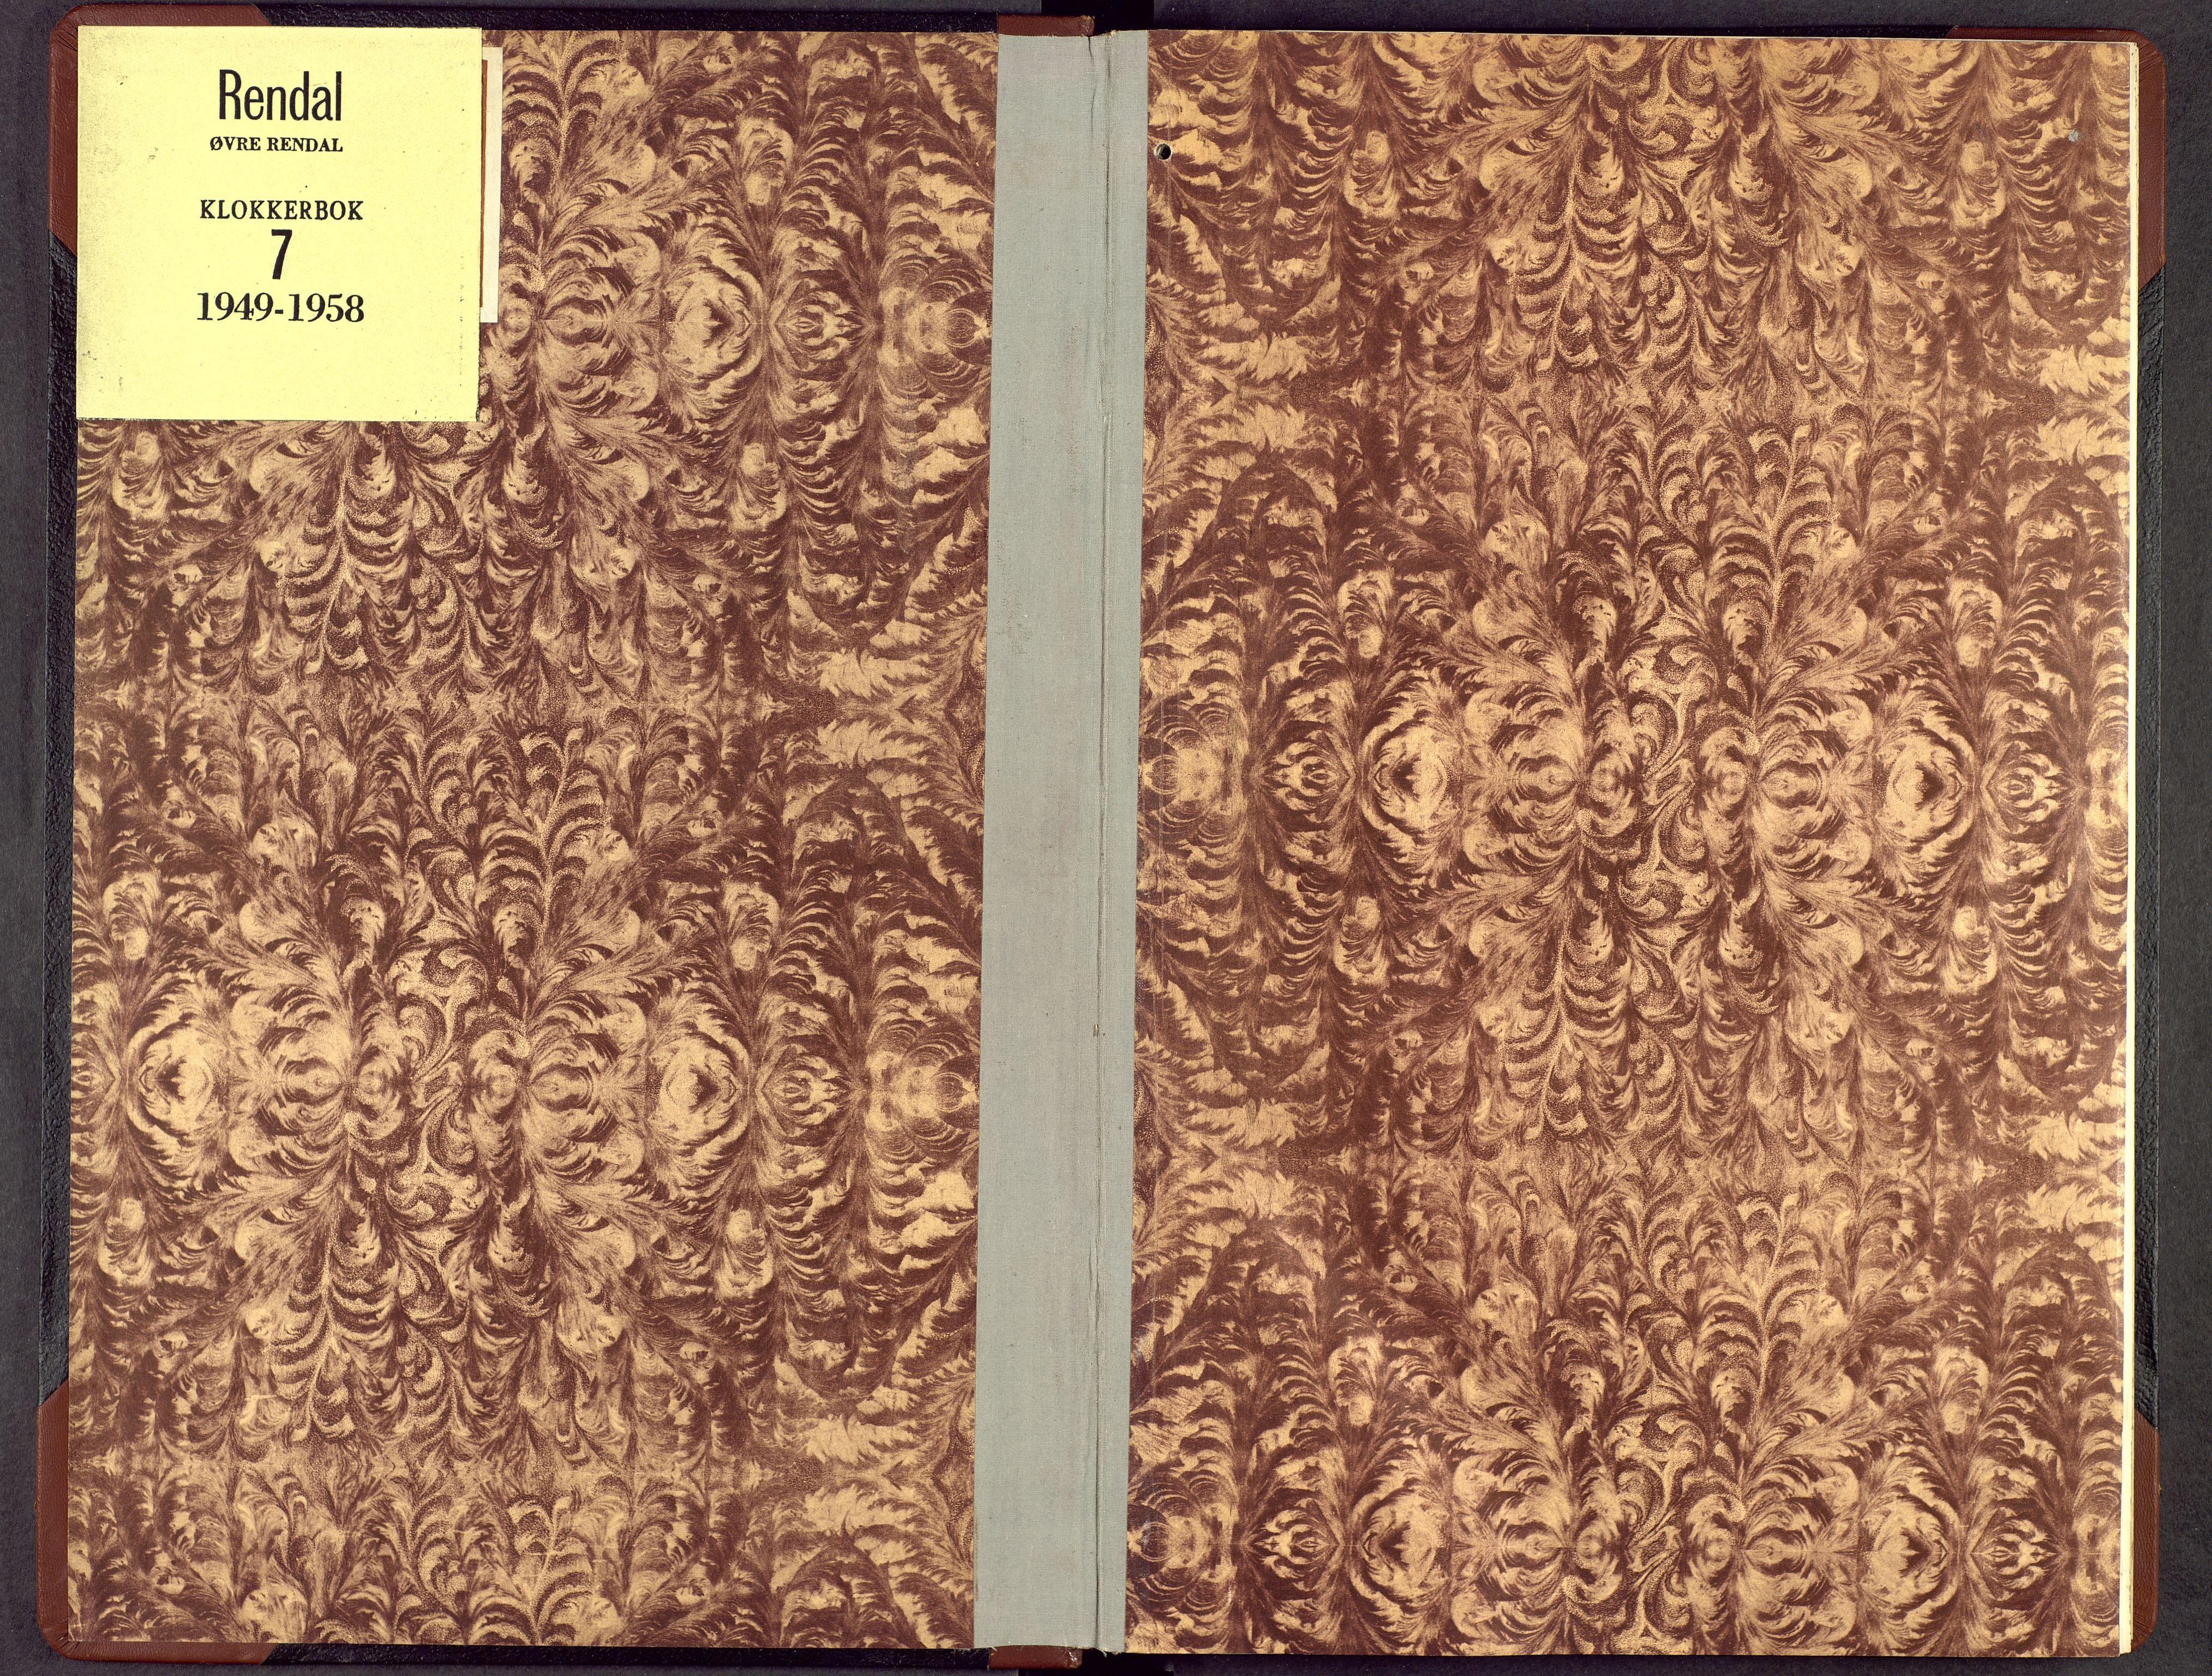 SAH, Rendalen prestekontor, H/Ha/Hab/L0007: Klokkerbok nr. 7, 1949-1958